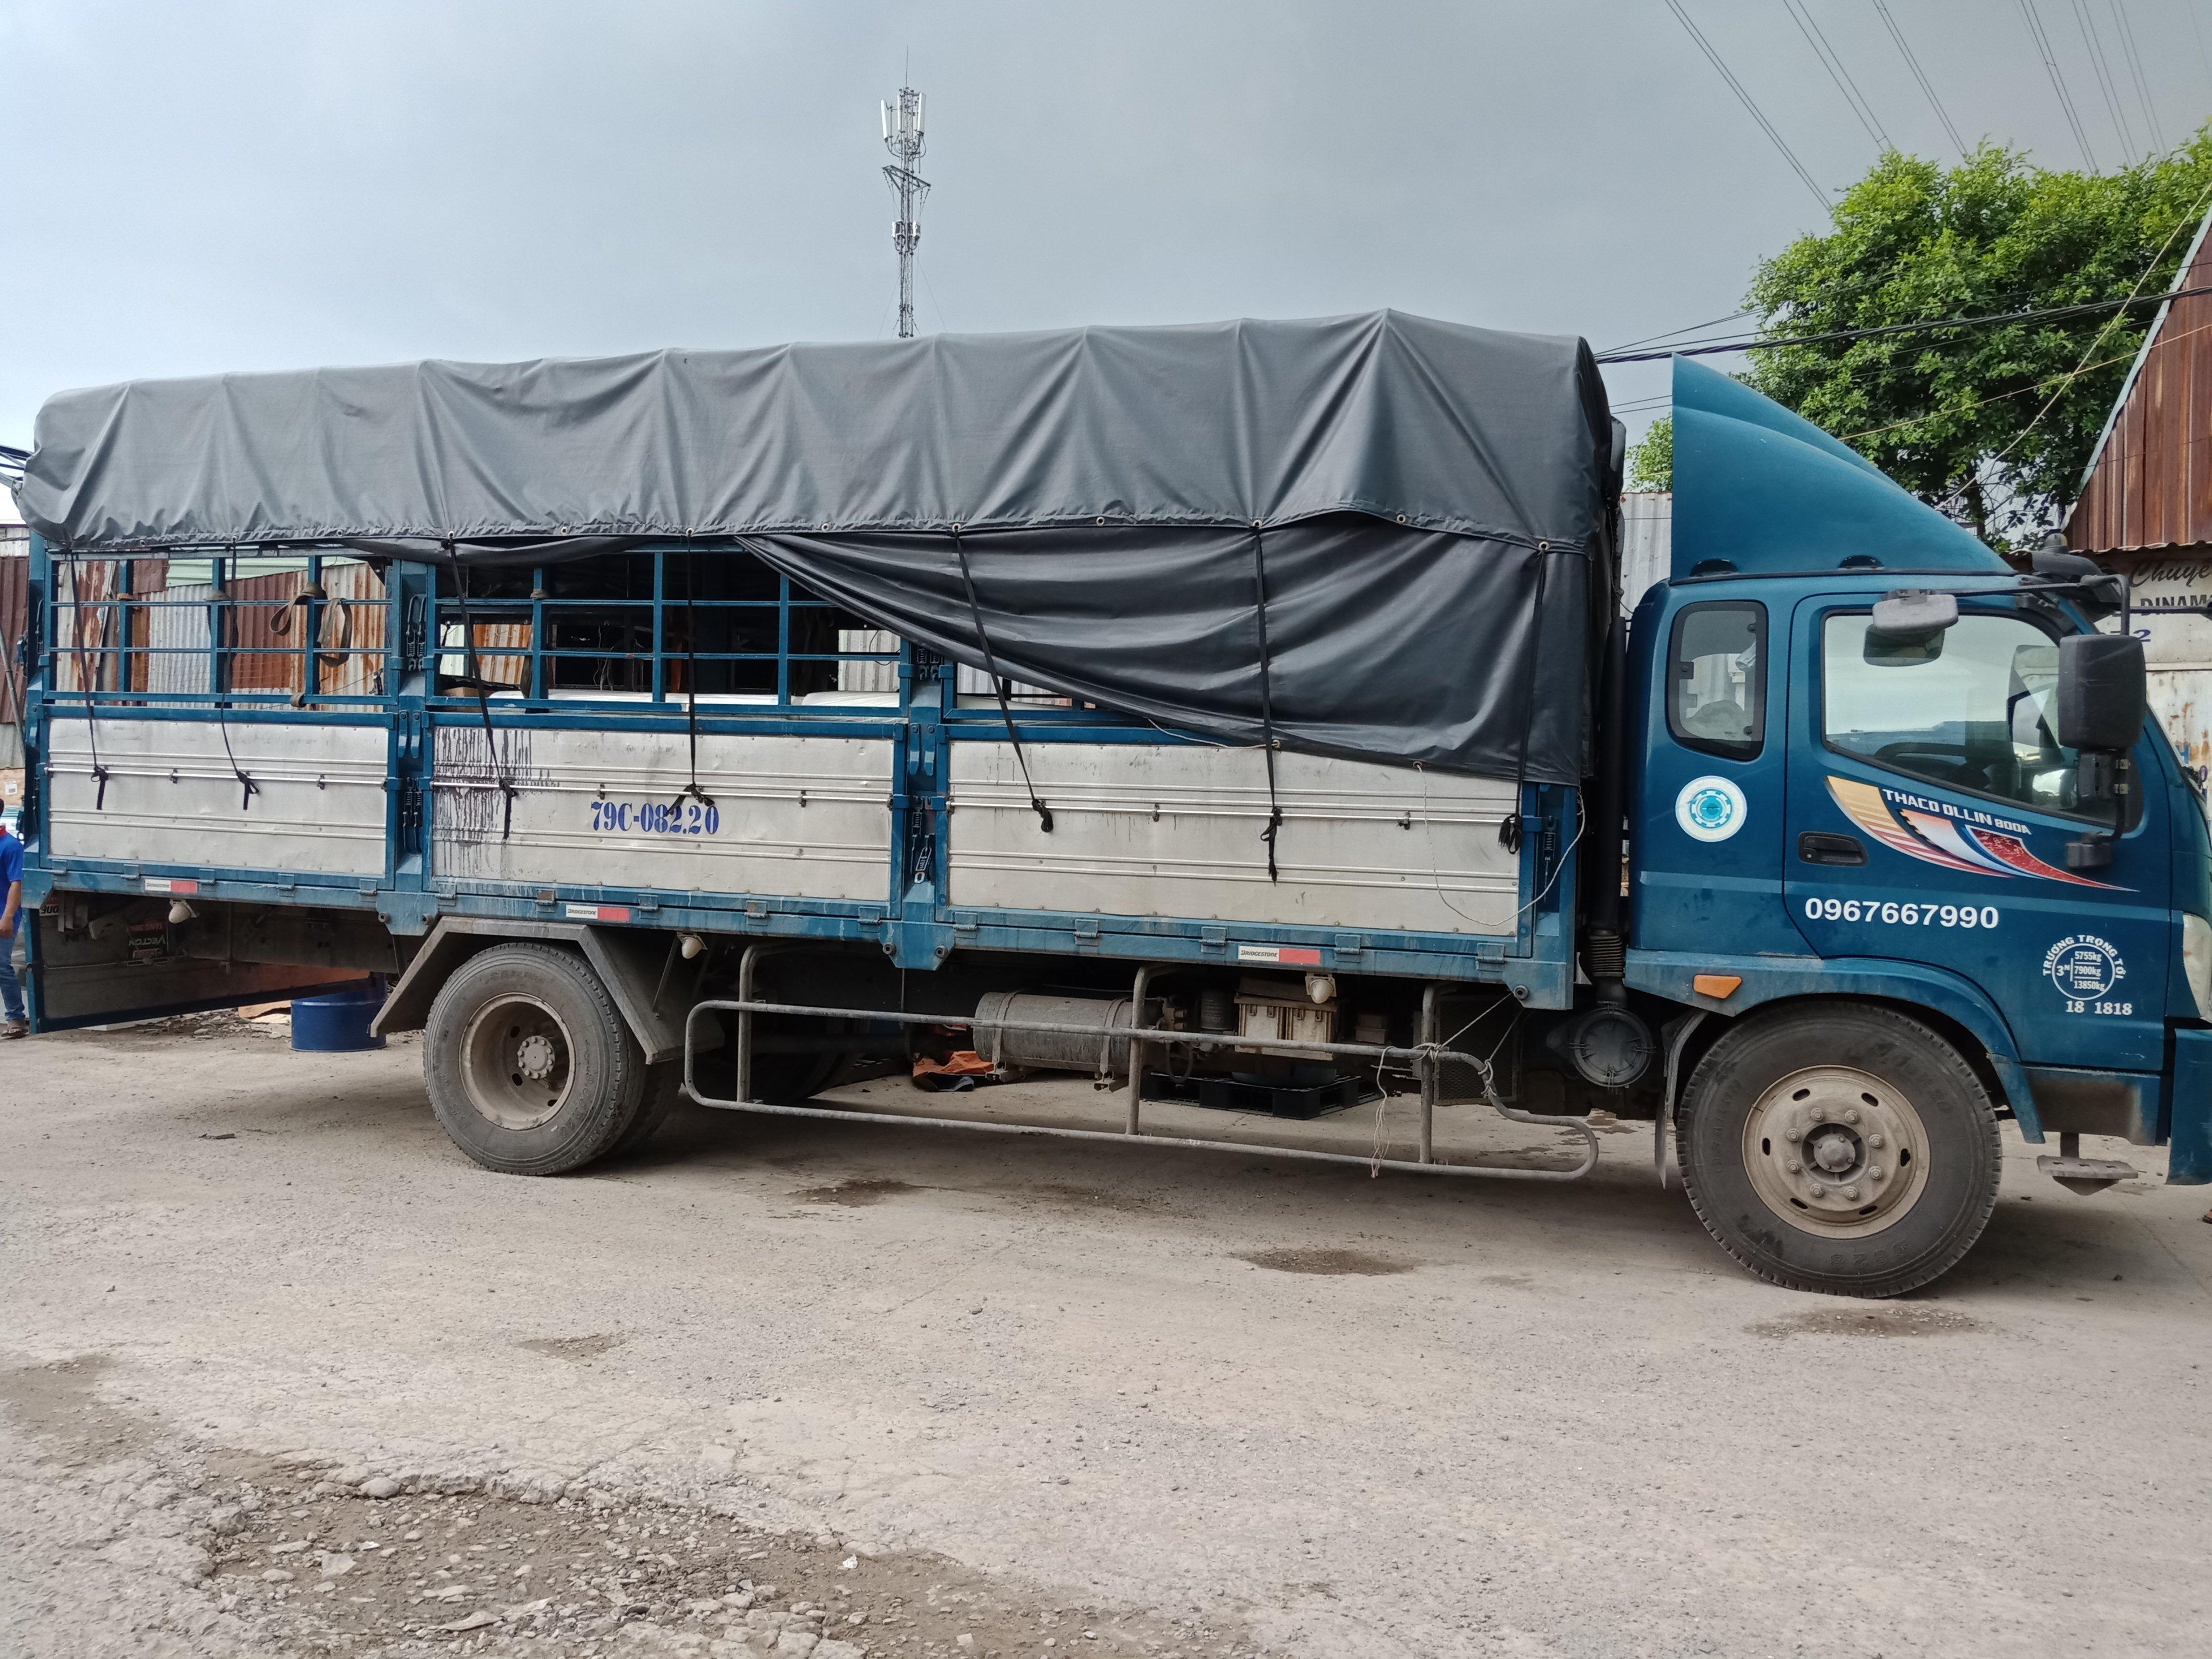 Các loại xe dùng đê vạn chuyển hàng đi Attapeu